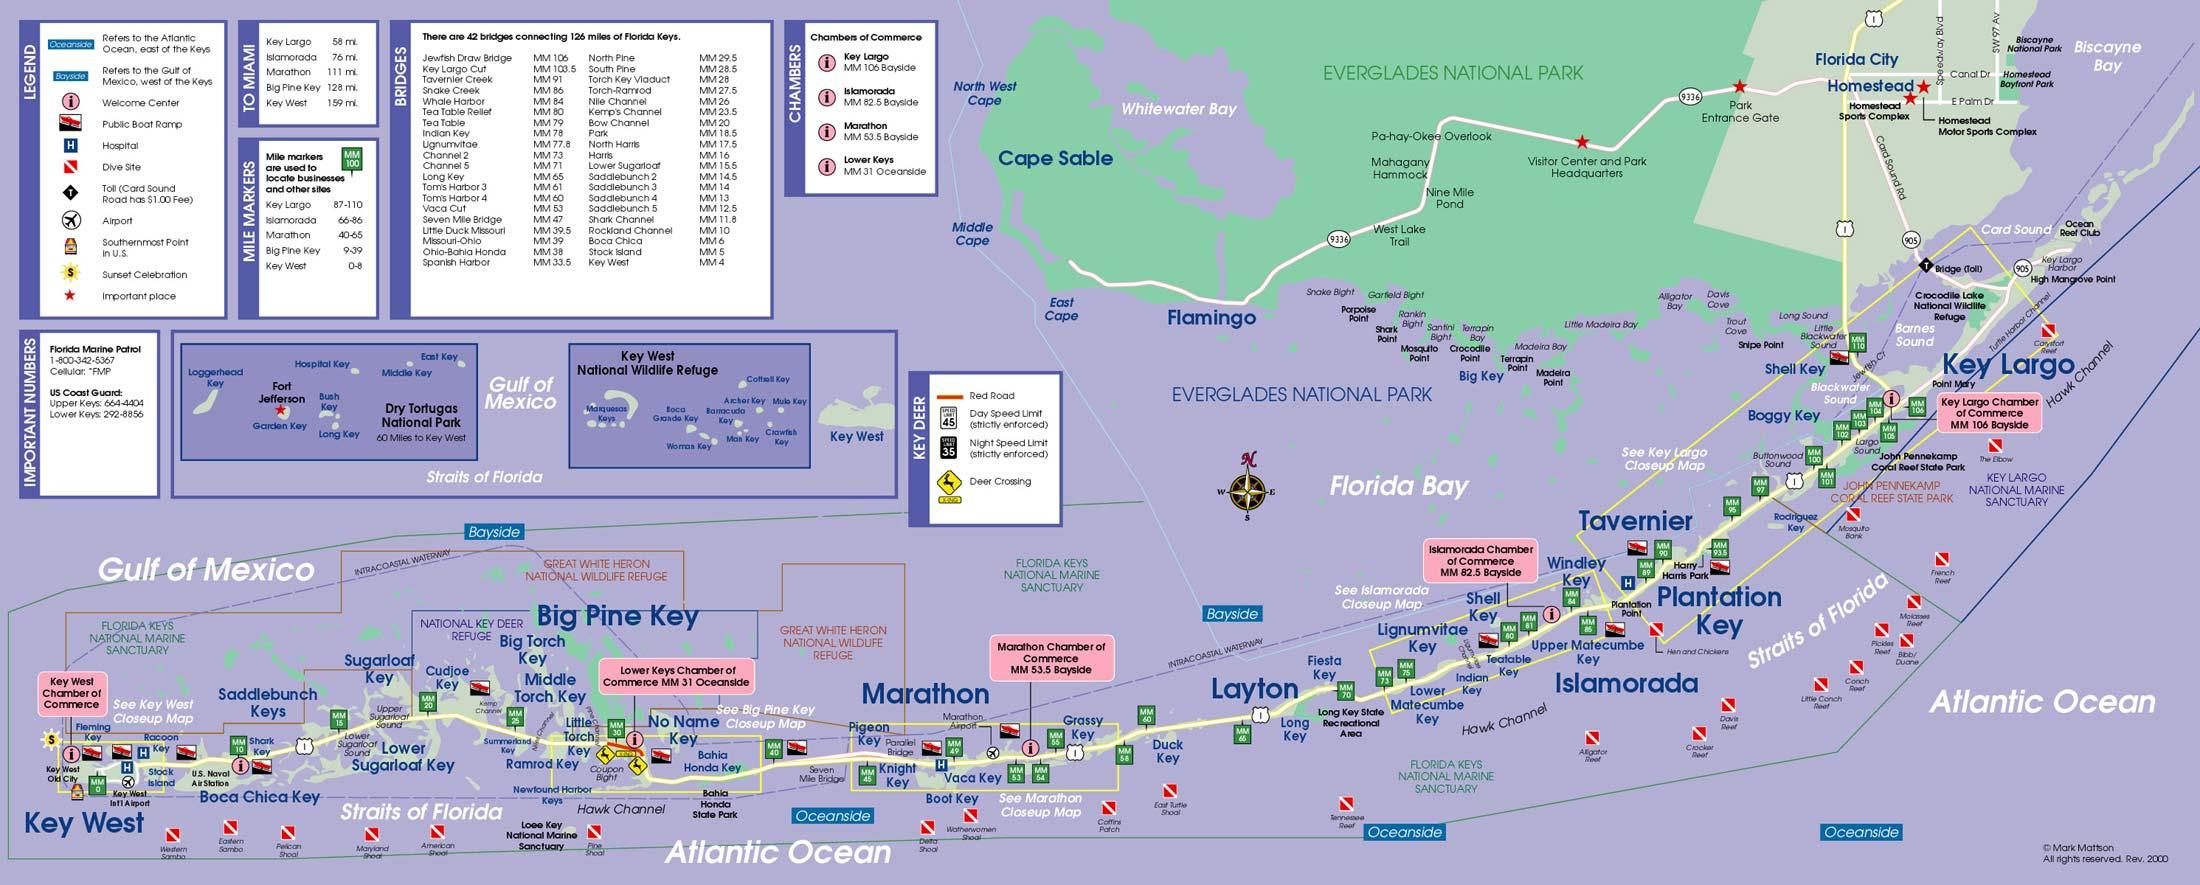 Visiter Les Keys, Les Plus Belles Îles Et Plages De Floride - Florida Keys Snorkeling Map